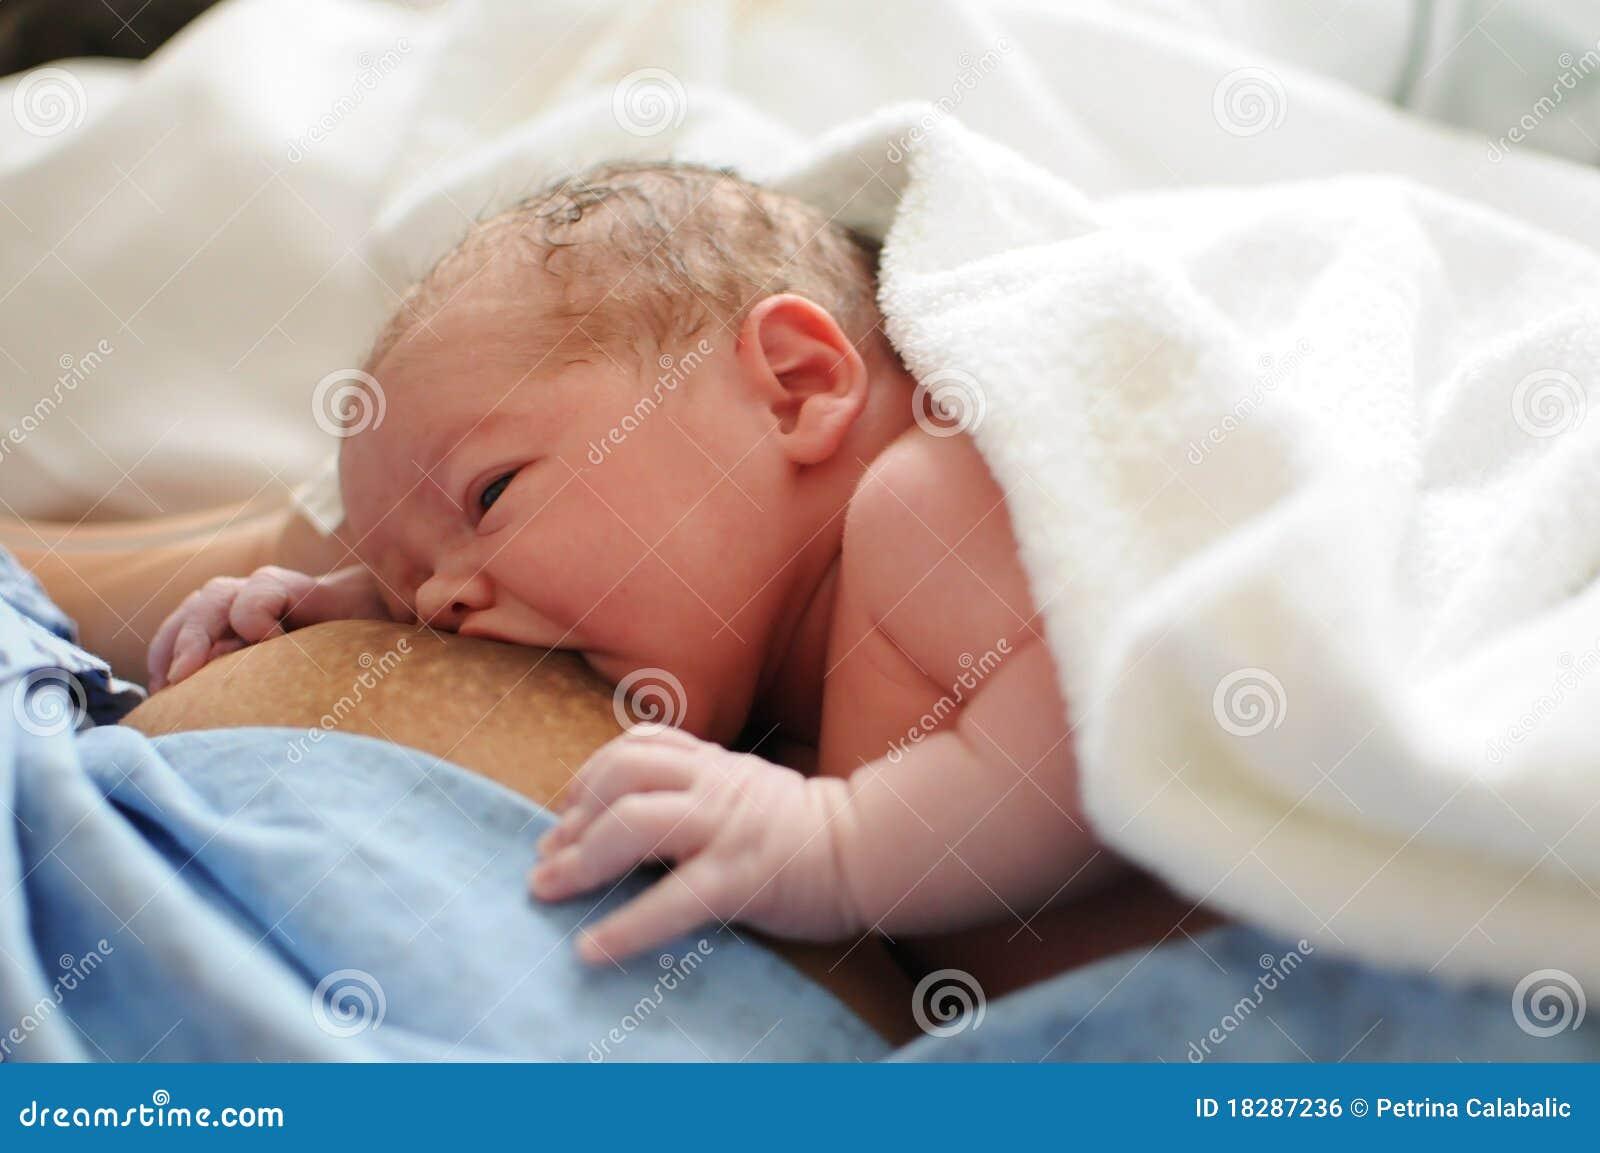 Amamantamiento de un recién nacido